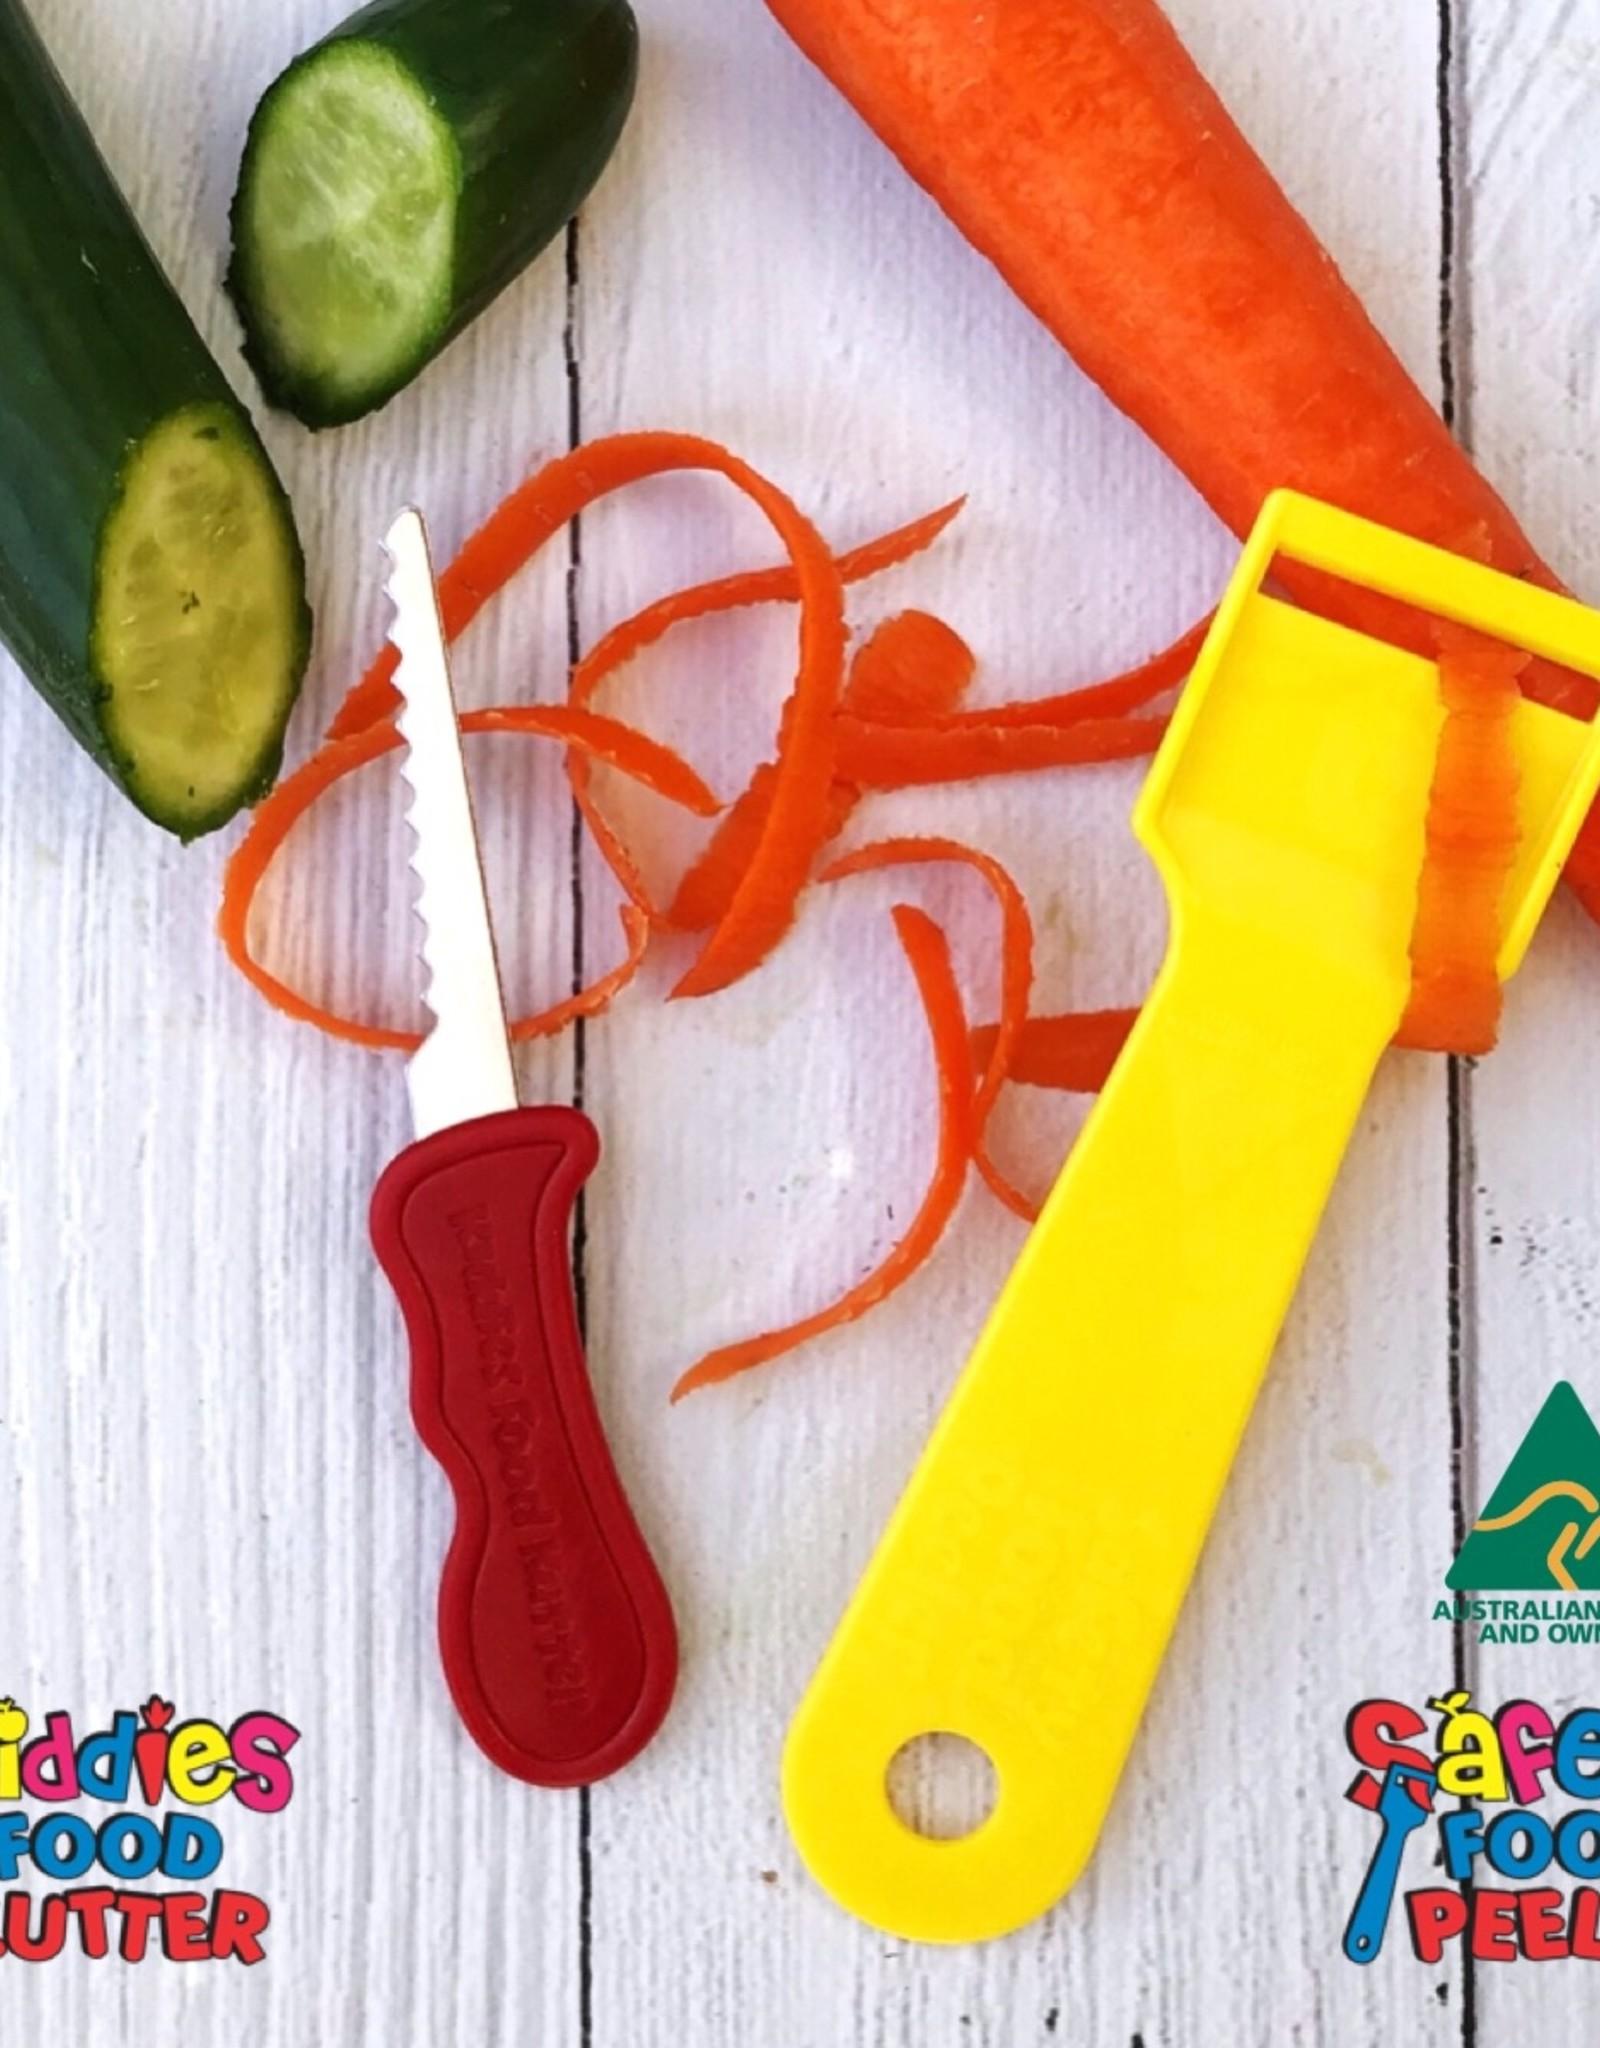 Kiddies Food Kutter Kiddies mes voor kinderen - Blauw